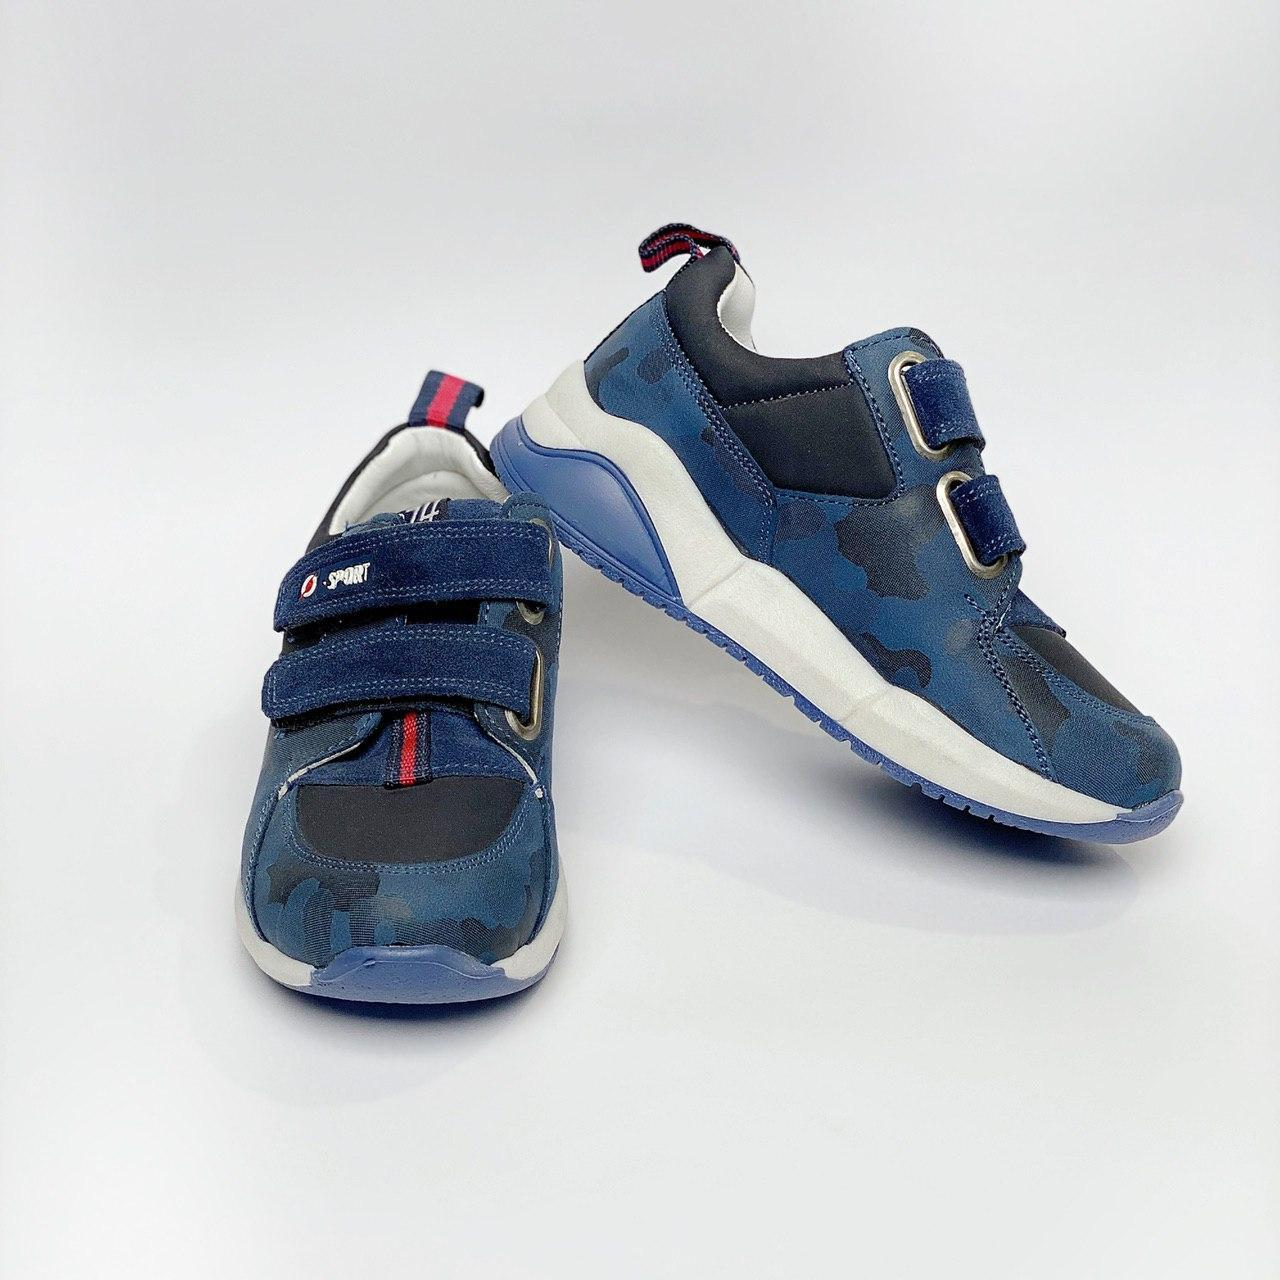 Стильные кроссовки для мальчика, размер 28